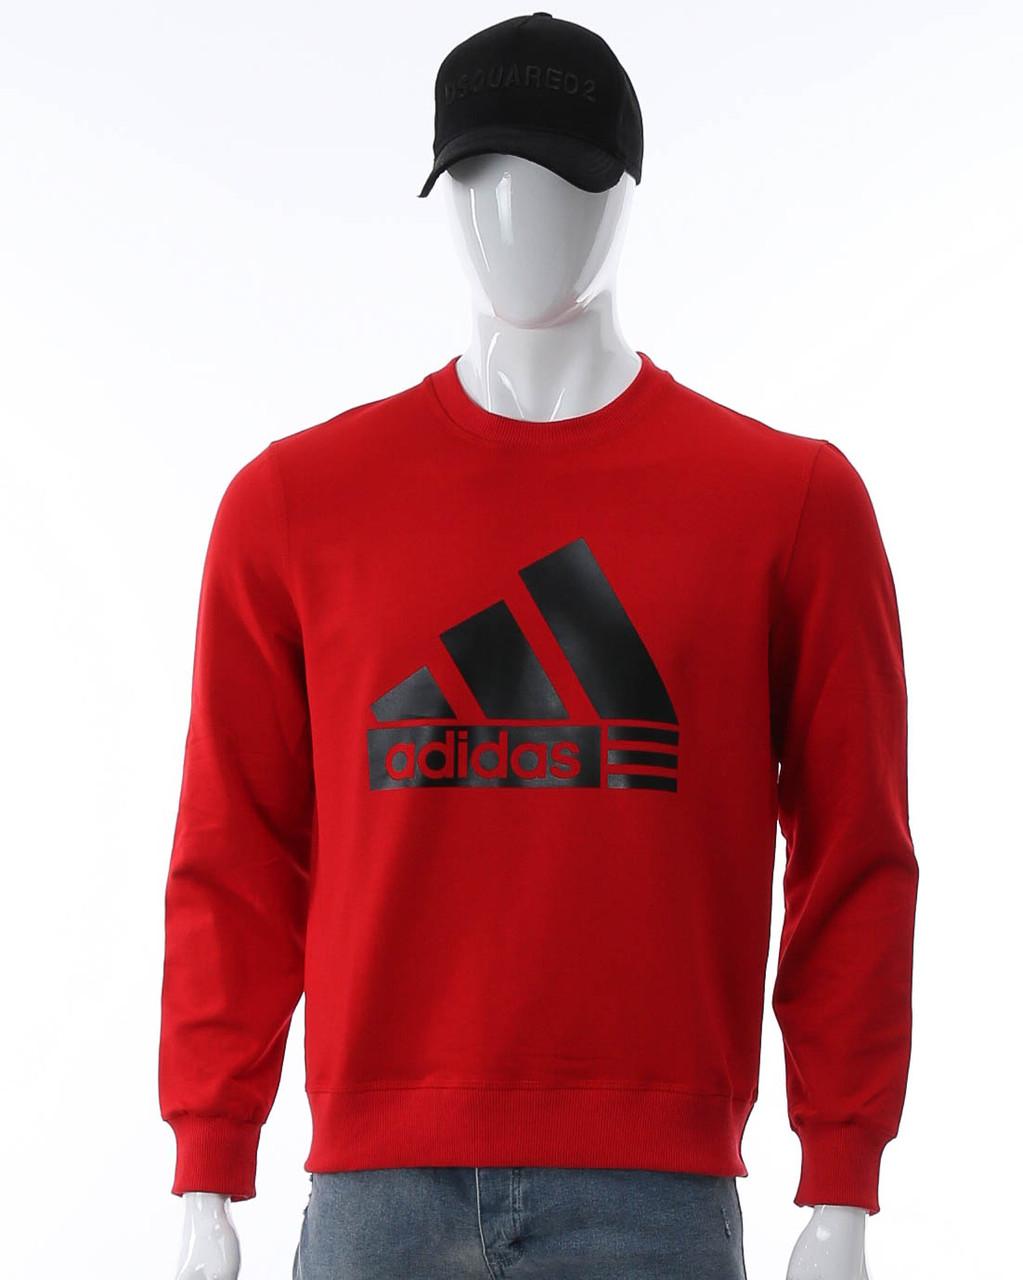 Свитшот красный ADIDAS с лого RED L(Р) 20-102-002